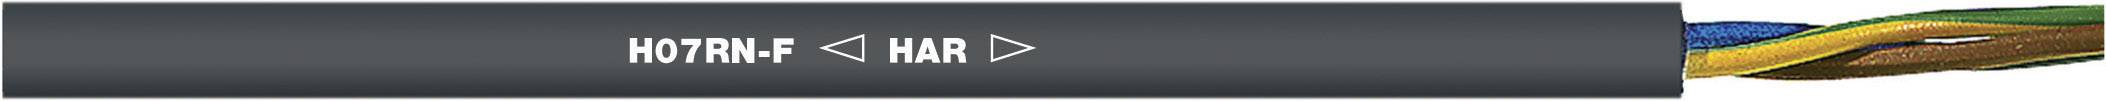 Připojovací kabel H07RN-F 3 x 1 mm² černá LAPP 1600117 metrové zboží